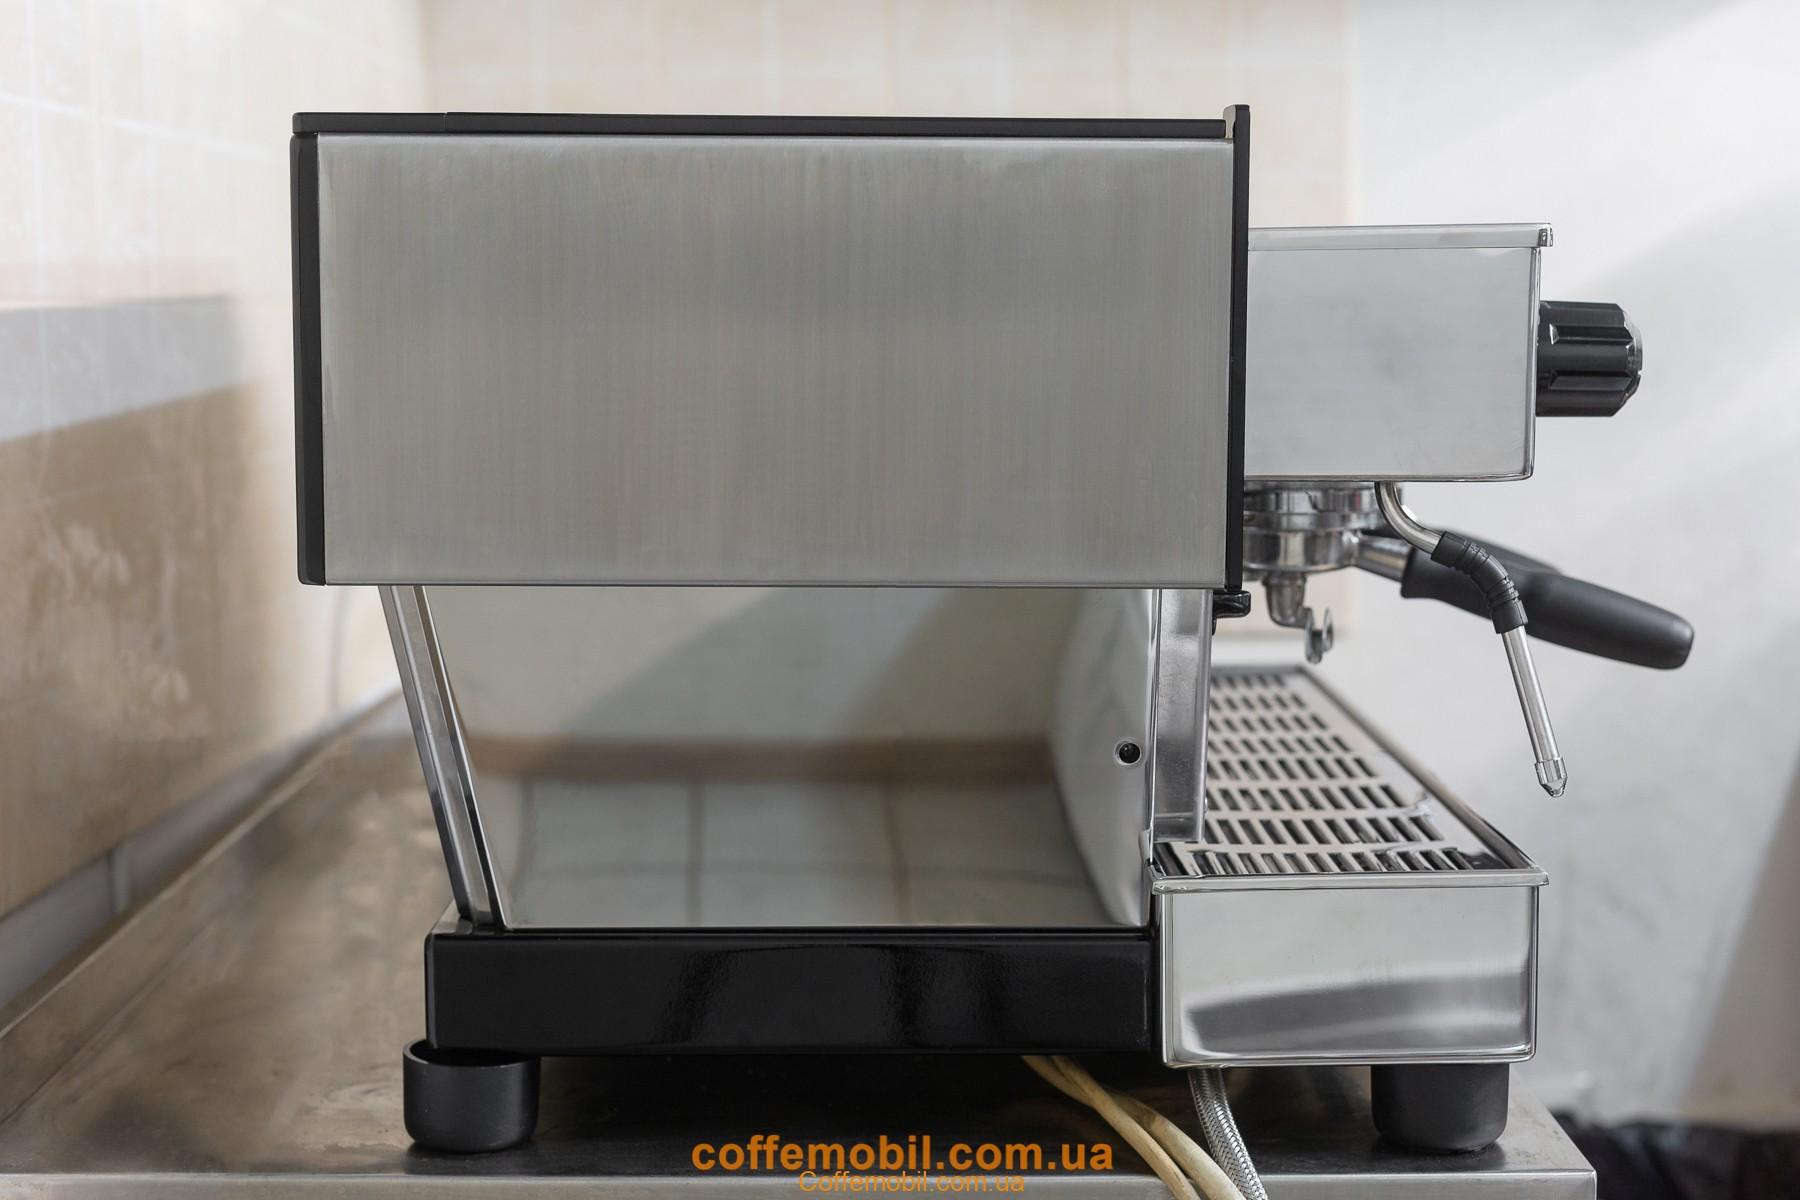 Профессиональная полировка кофемашин Марзоко